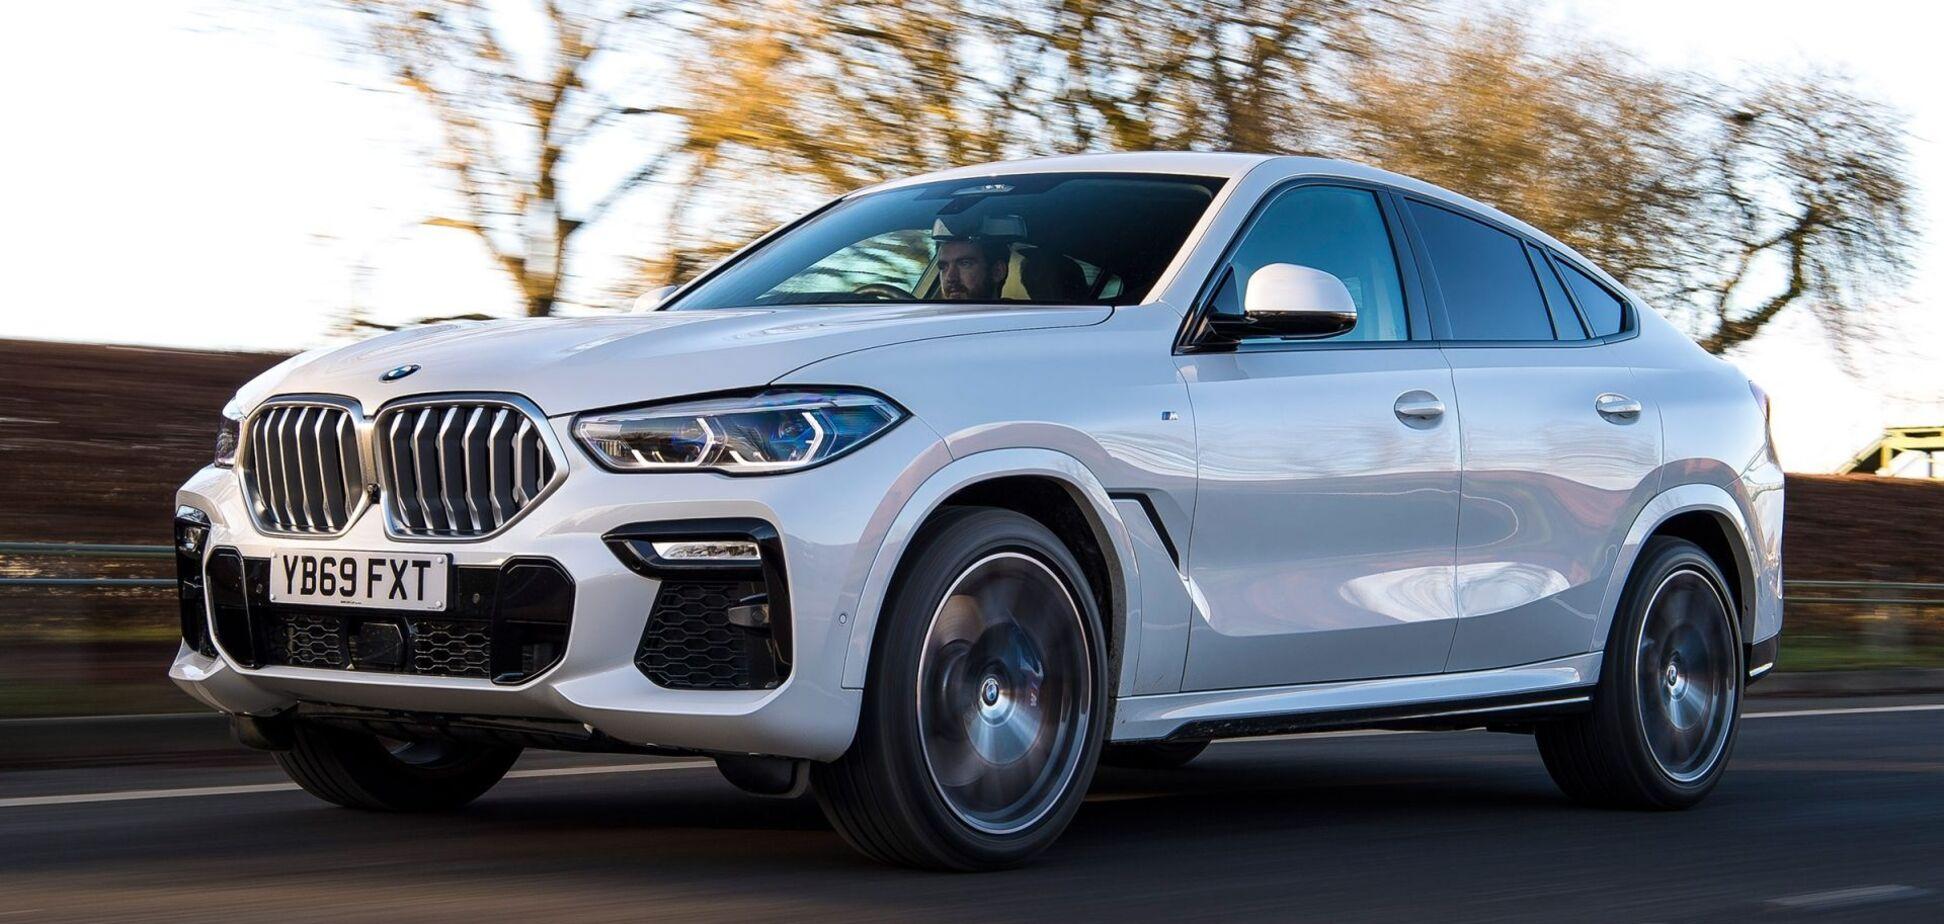 Россиянина возмутил украинский Крым в навигаторе его BMW X6